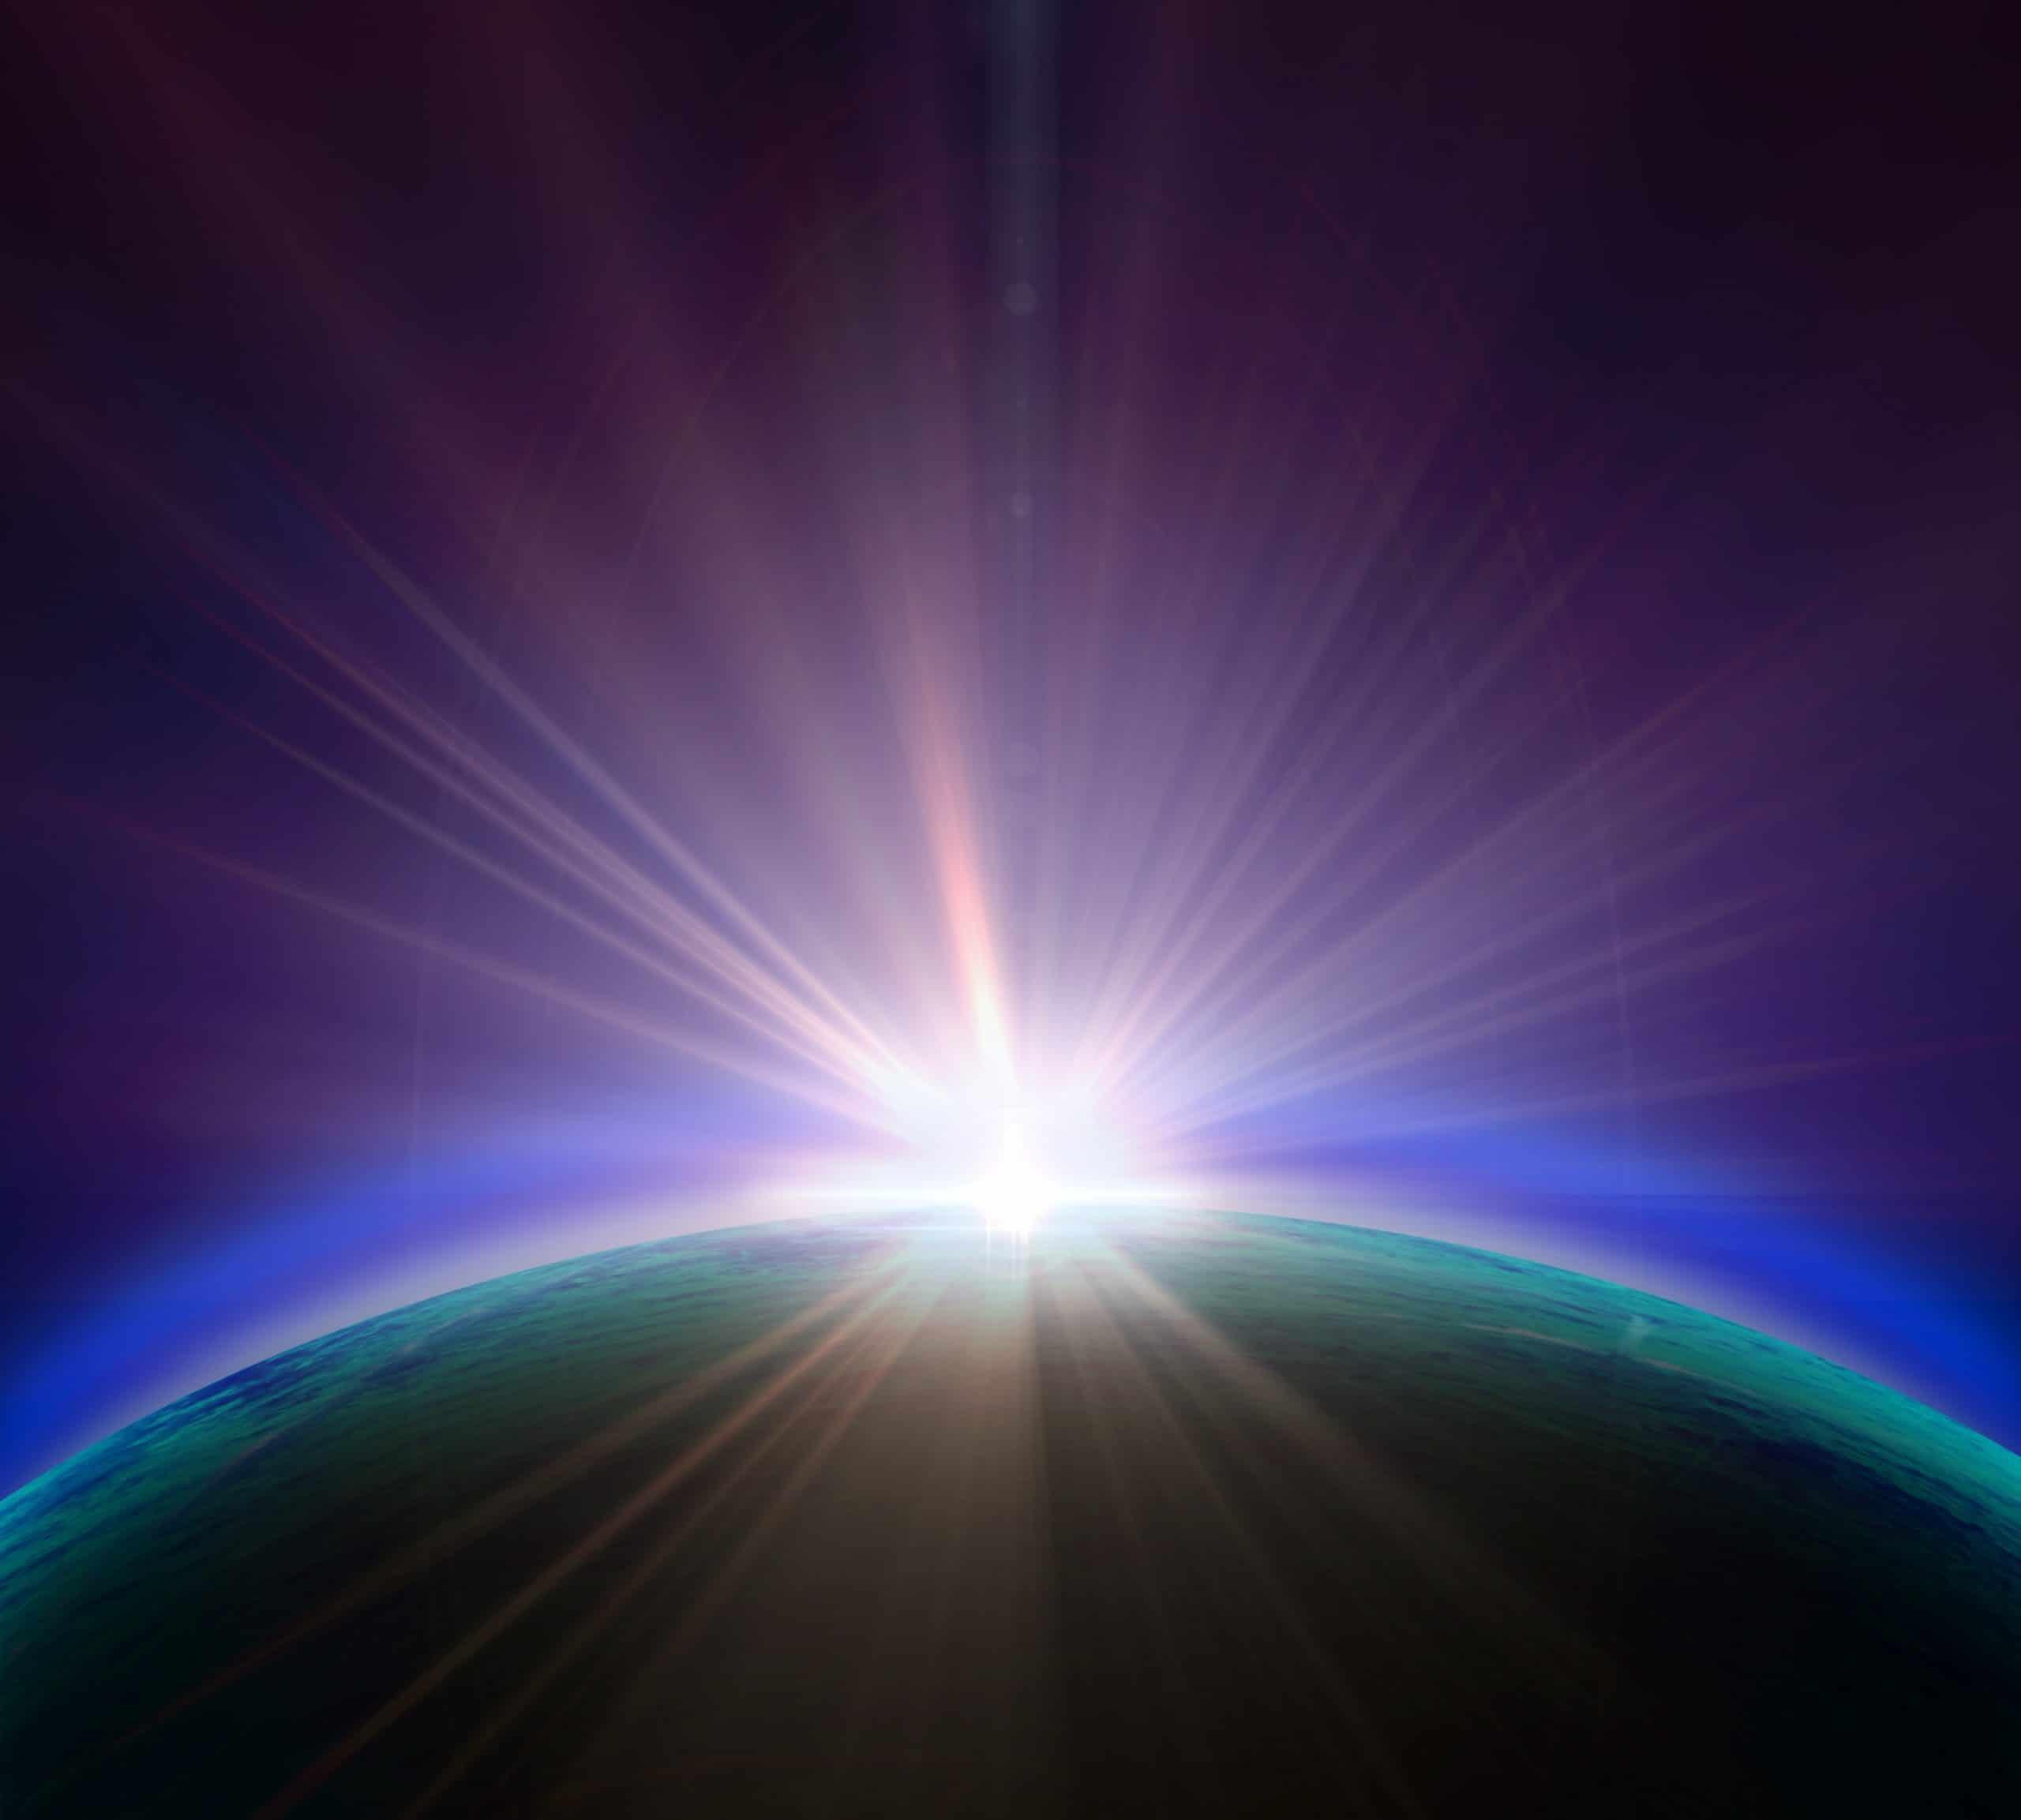 Luz forte incidindo sobre planeta.